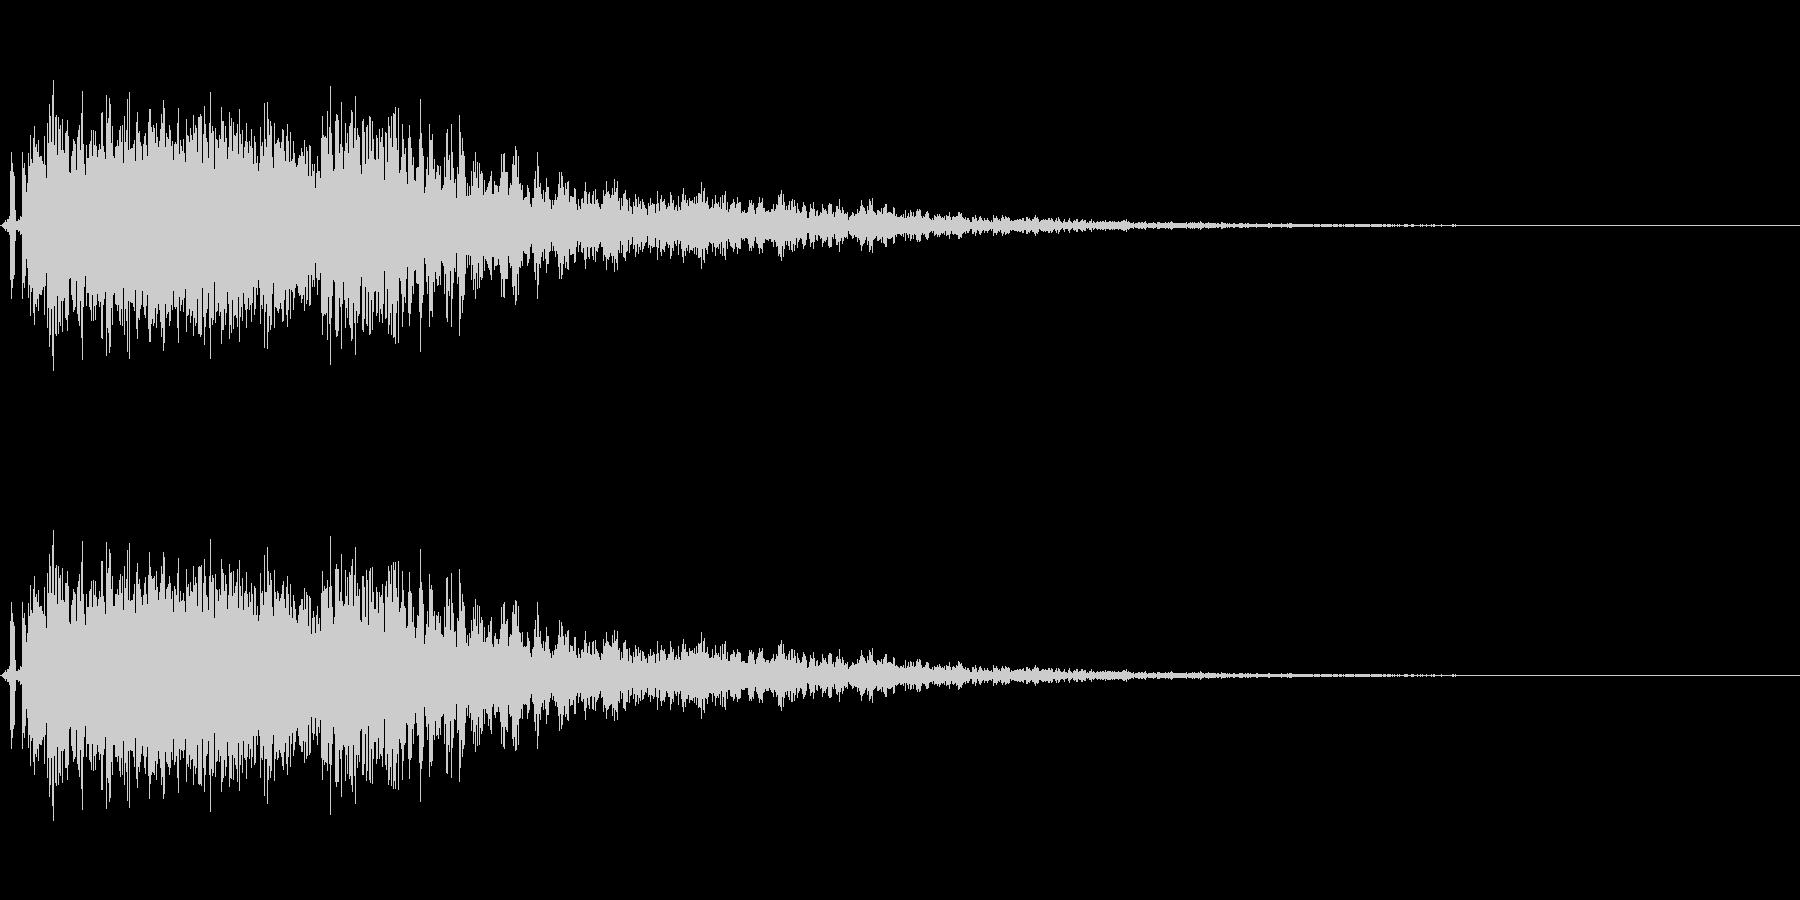 爆発音。電流系爆破。の未再生の波形